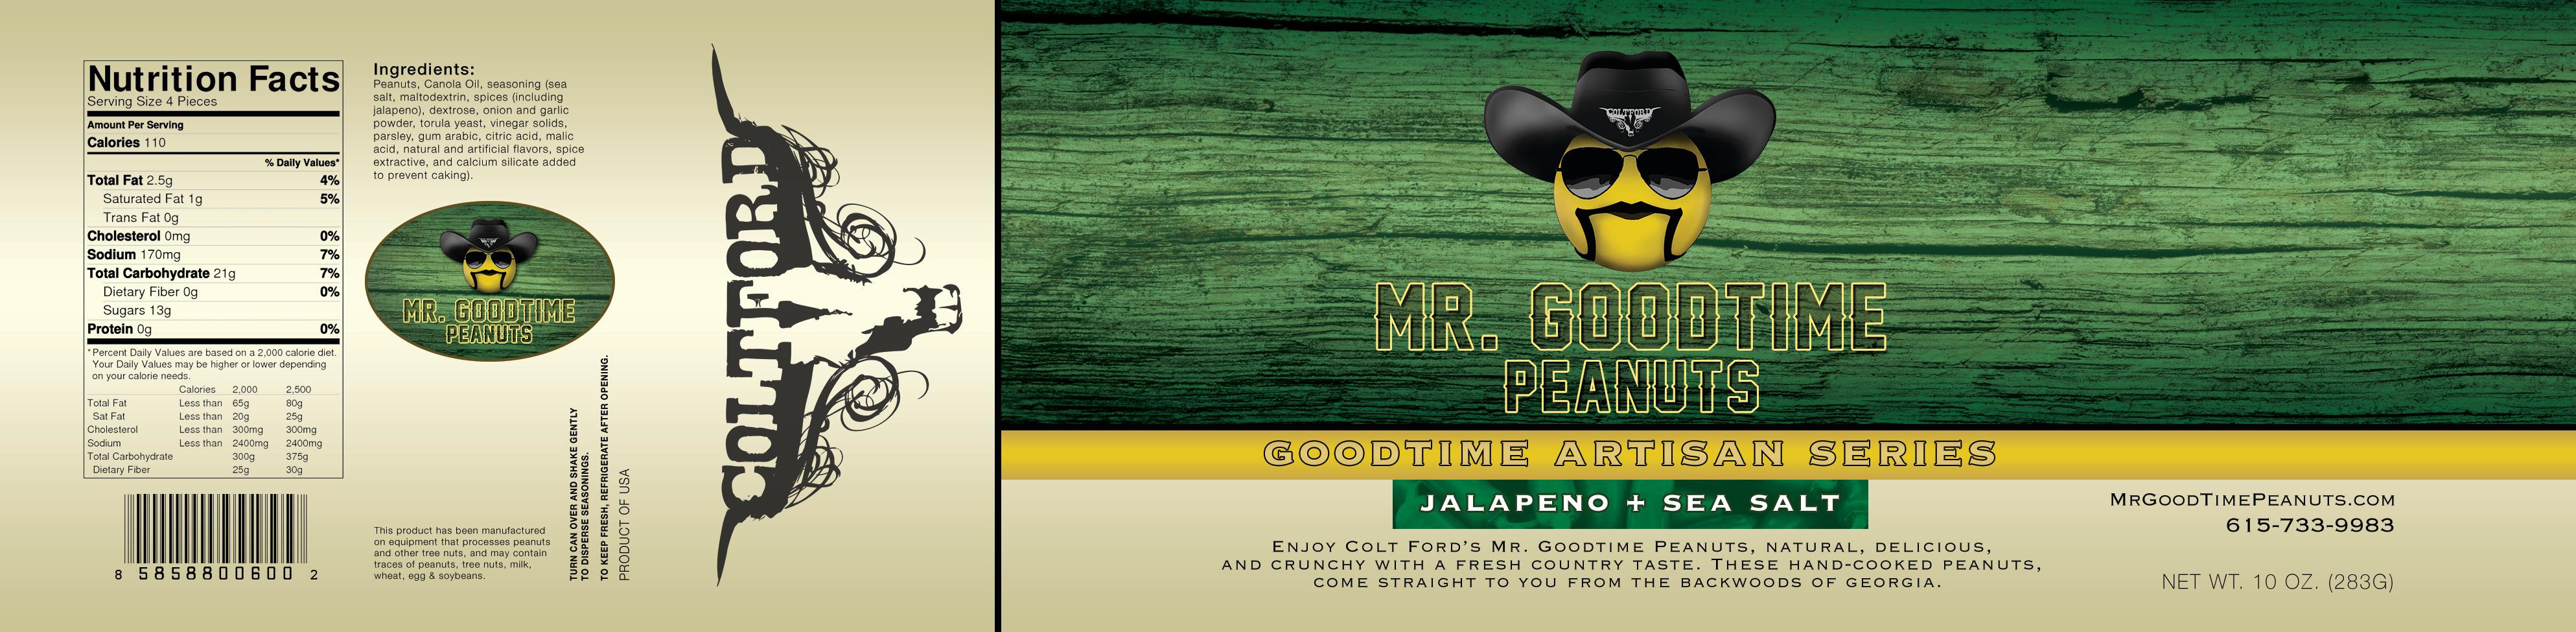 Mr. Gootime Peanuts Artisan Jalapeno and sea salt